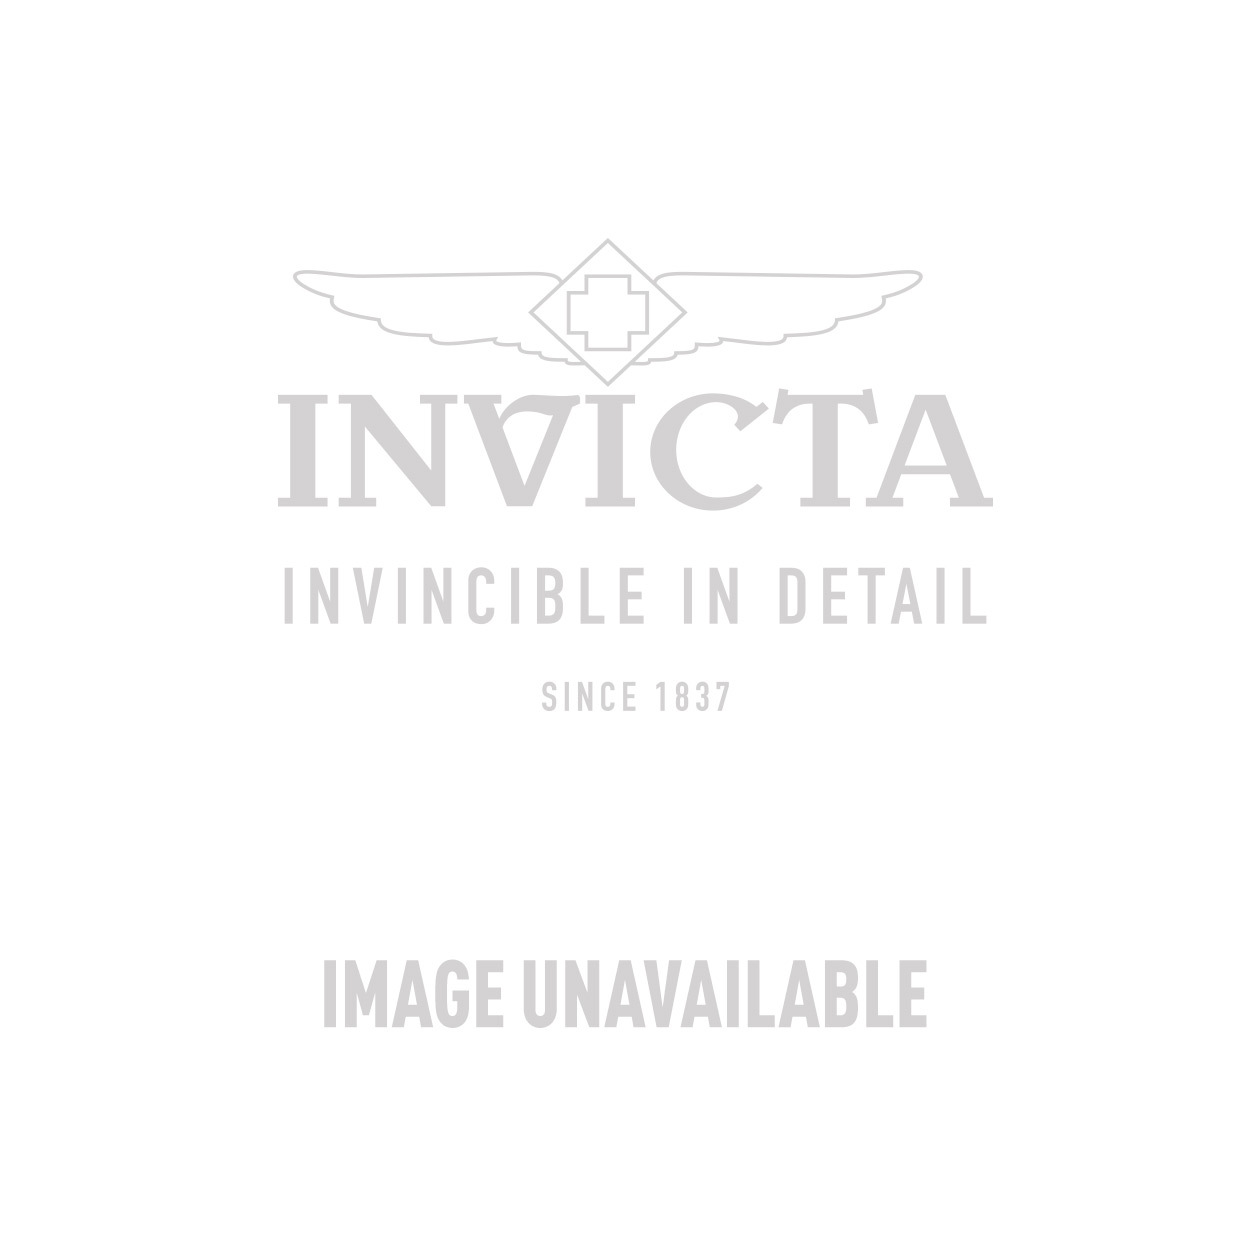 Invicta Model  22119